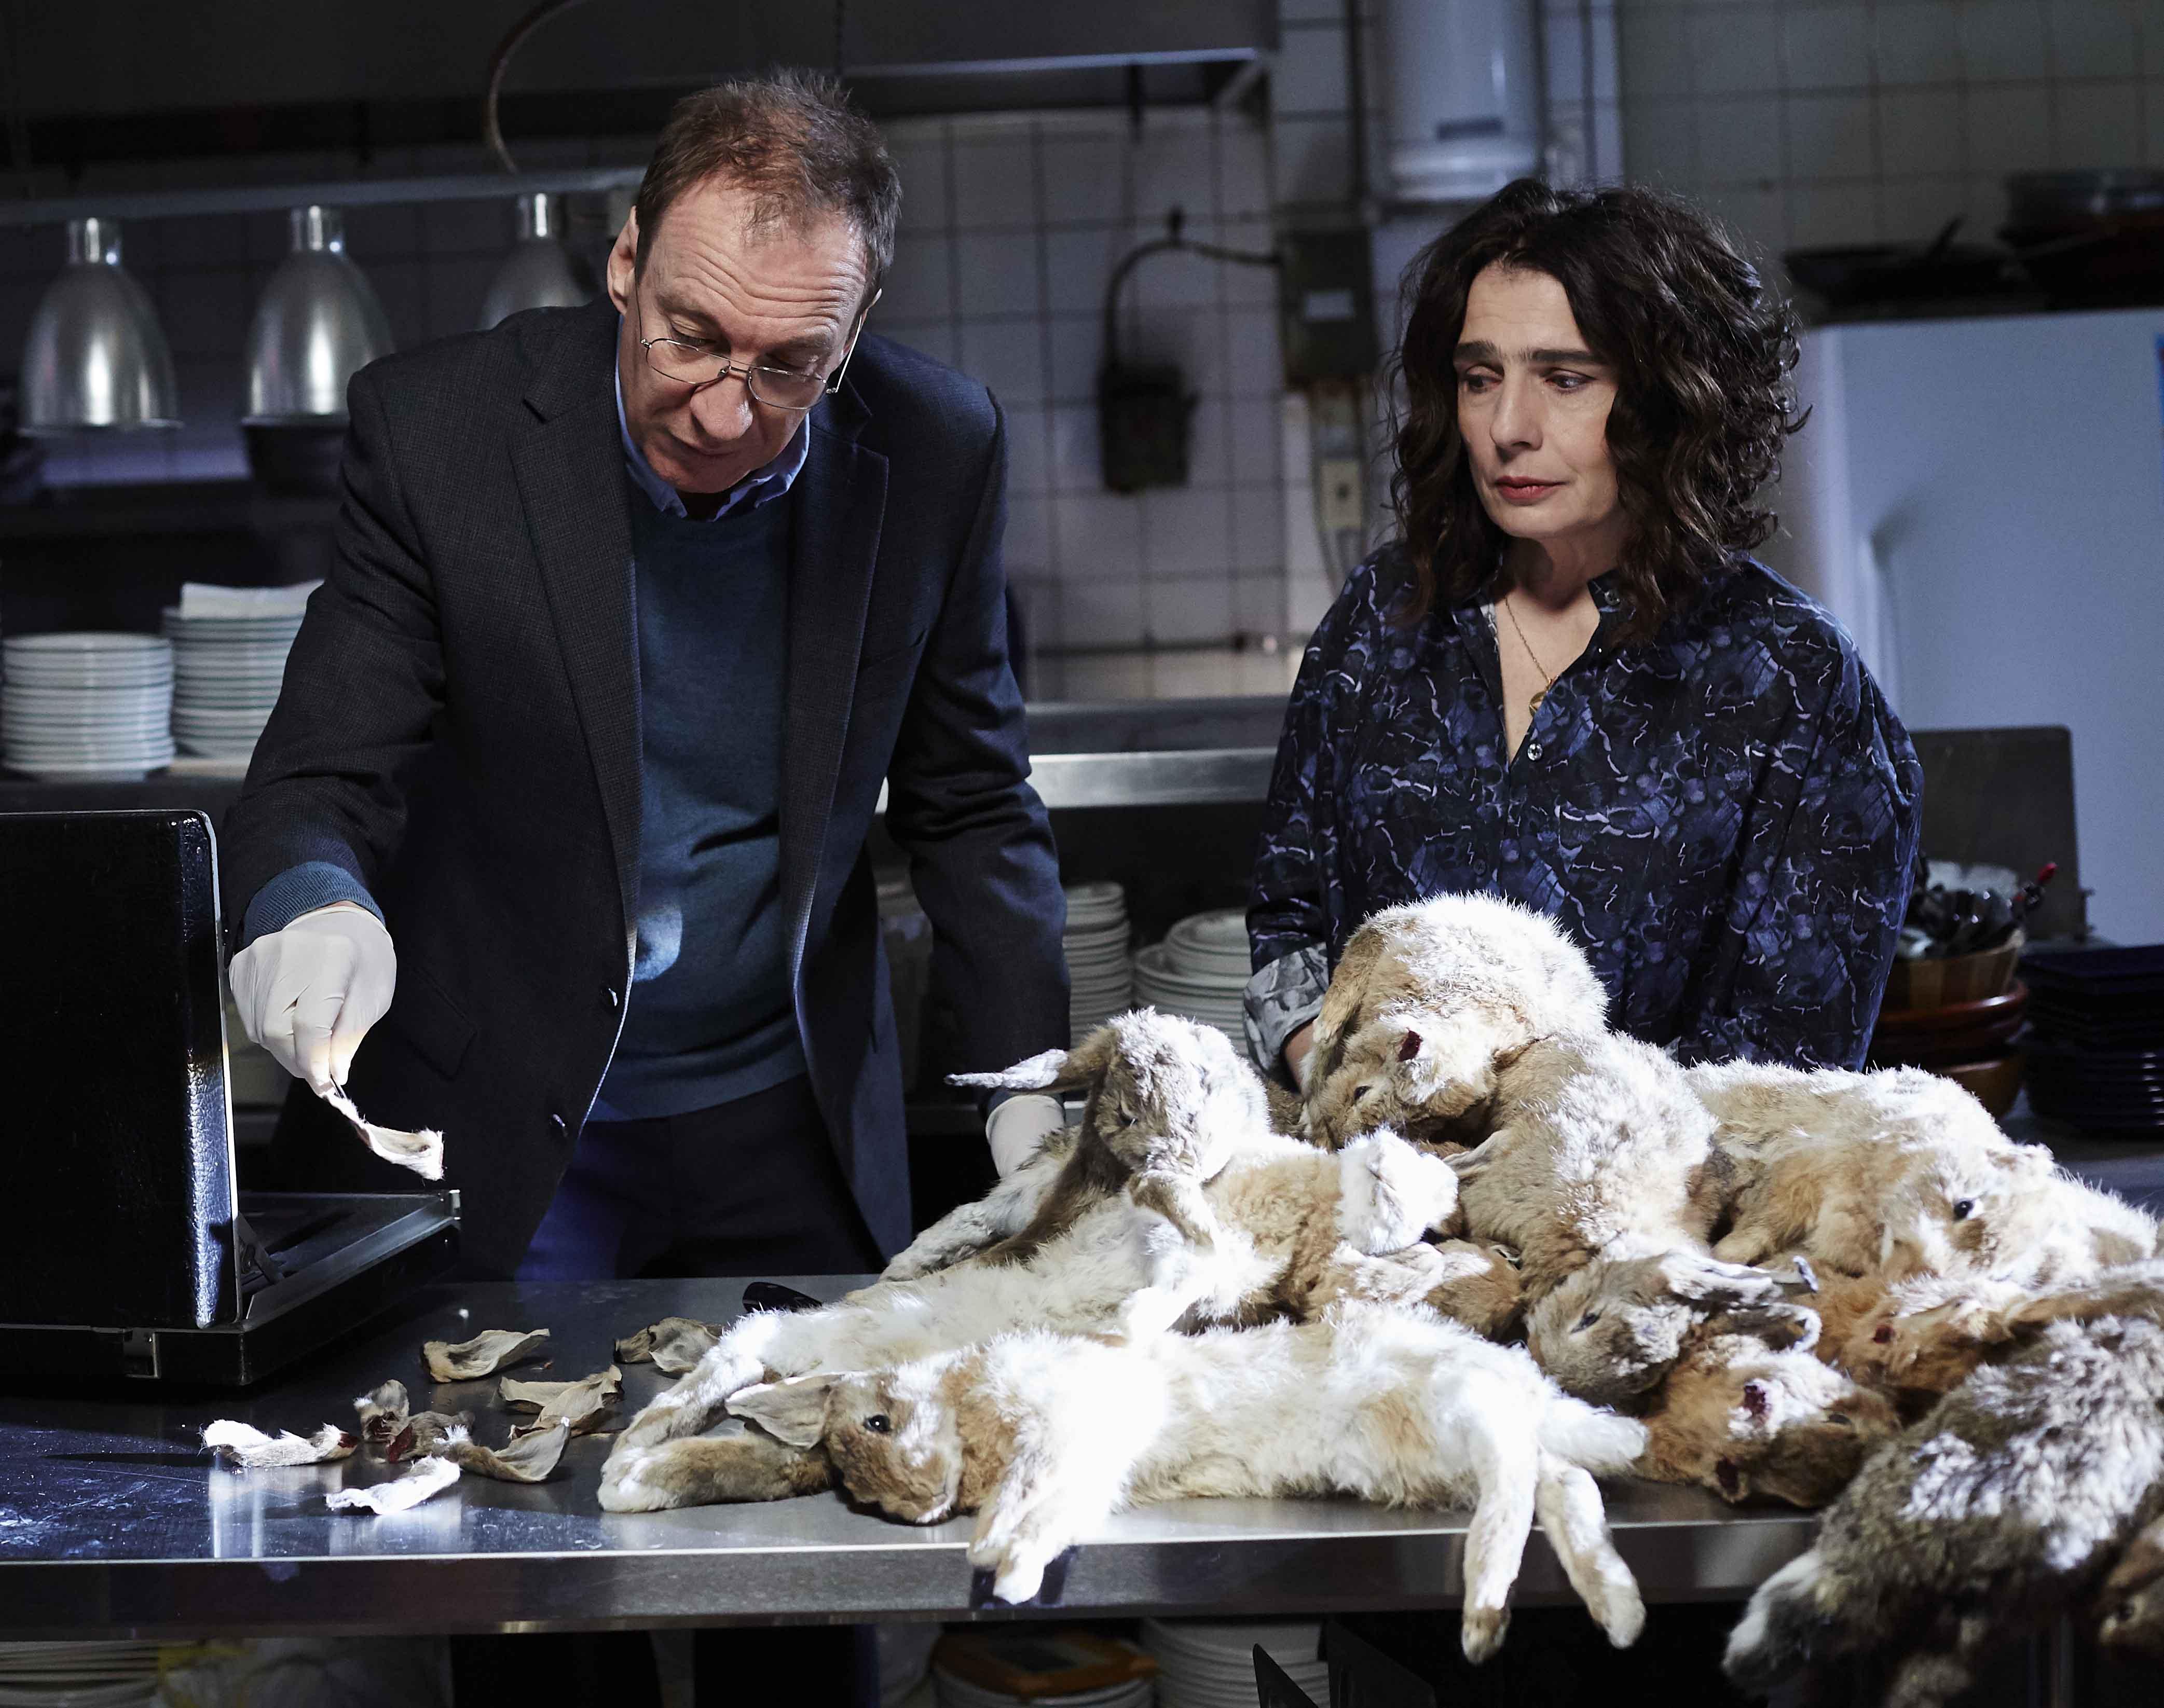 艾騰伊格言的妻子艾絲妮韓嘉(右)也特別演出片中的外來移民餐廳老闆娘,因非法私賣兔肉而被大衛休利斯(左)盯上